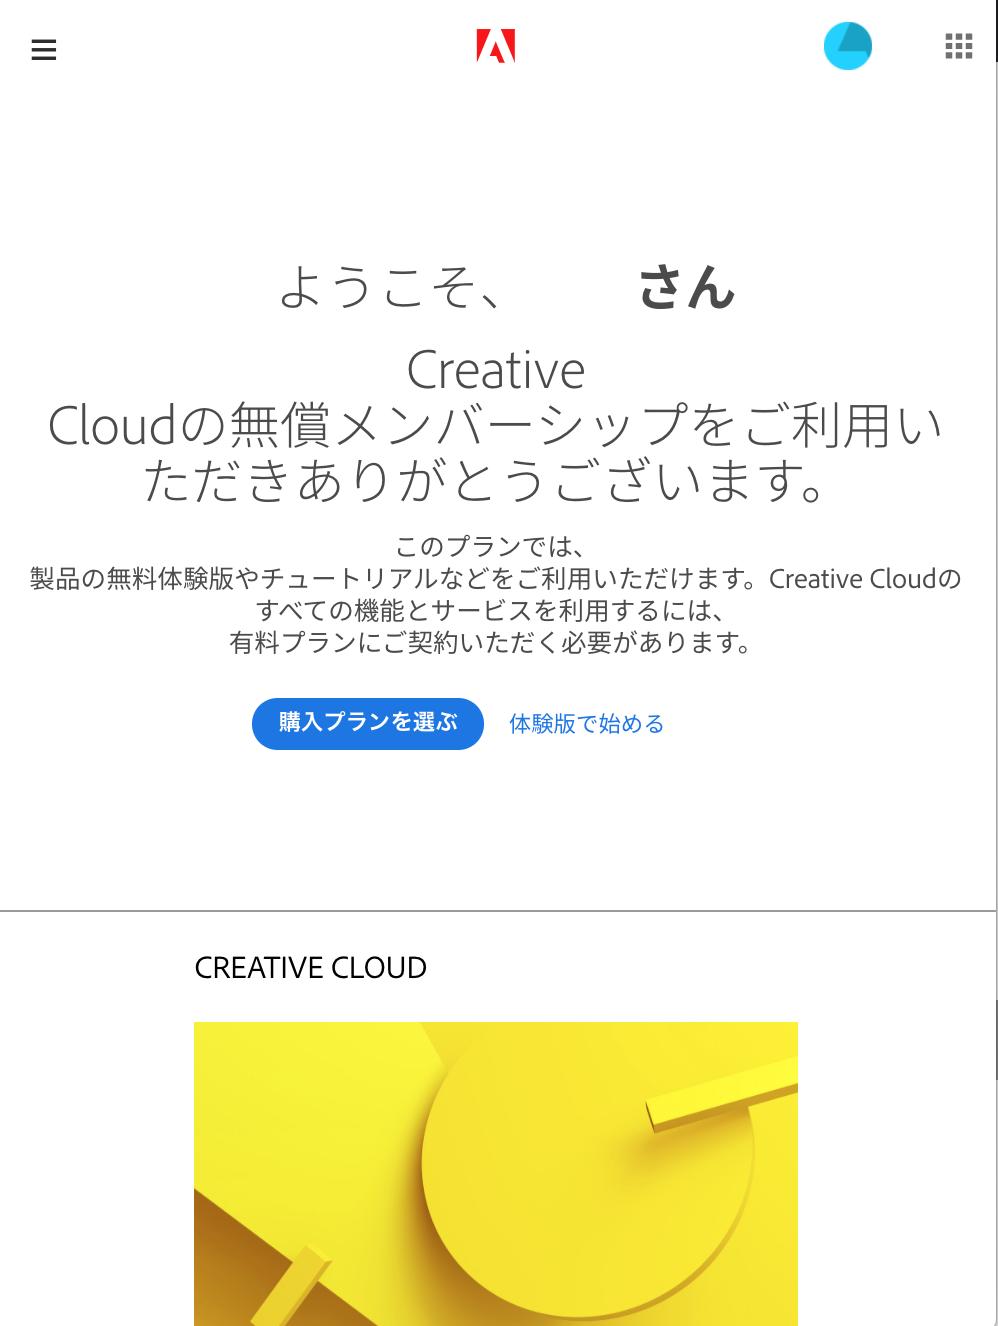 Screenshot 2020 08 19 at 14.58.49